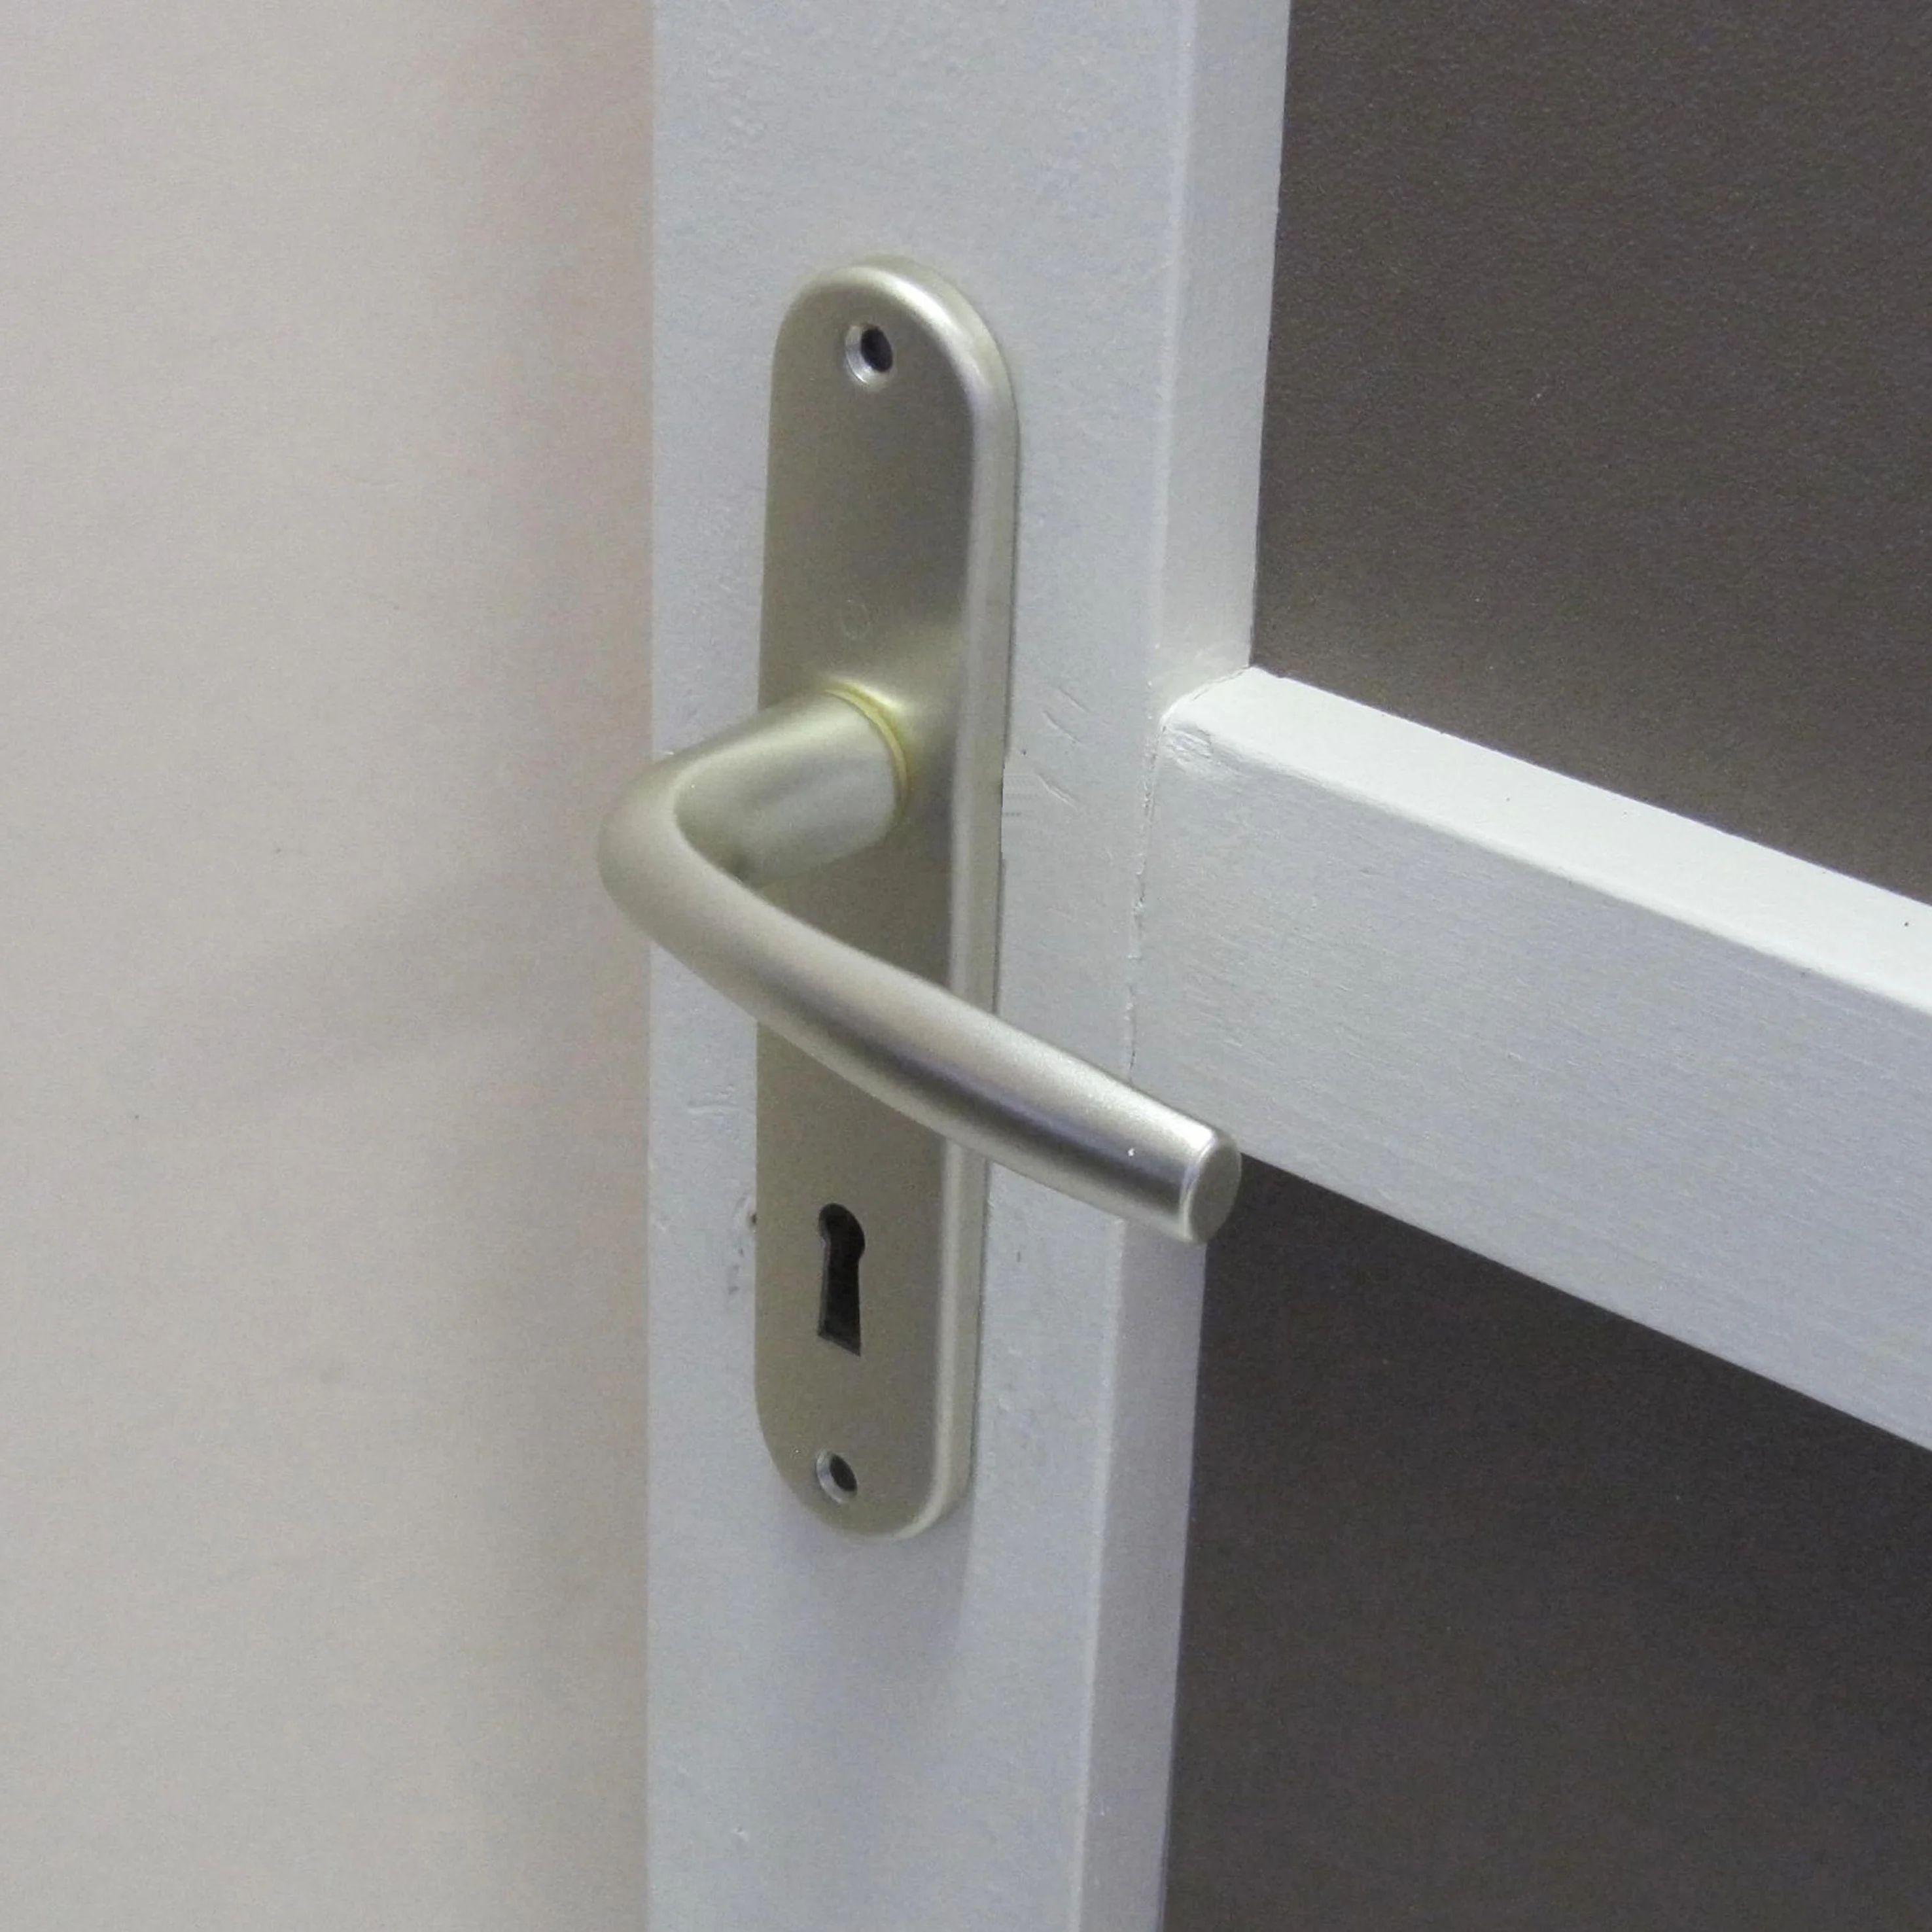 2 poignees de porte roissy trou de cle aluminium entraxe 165 mm